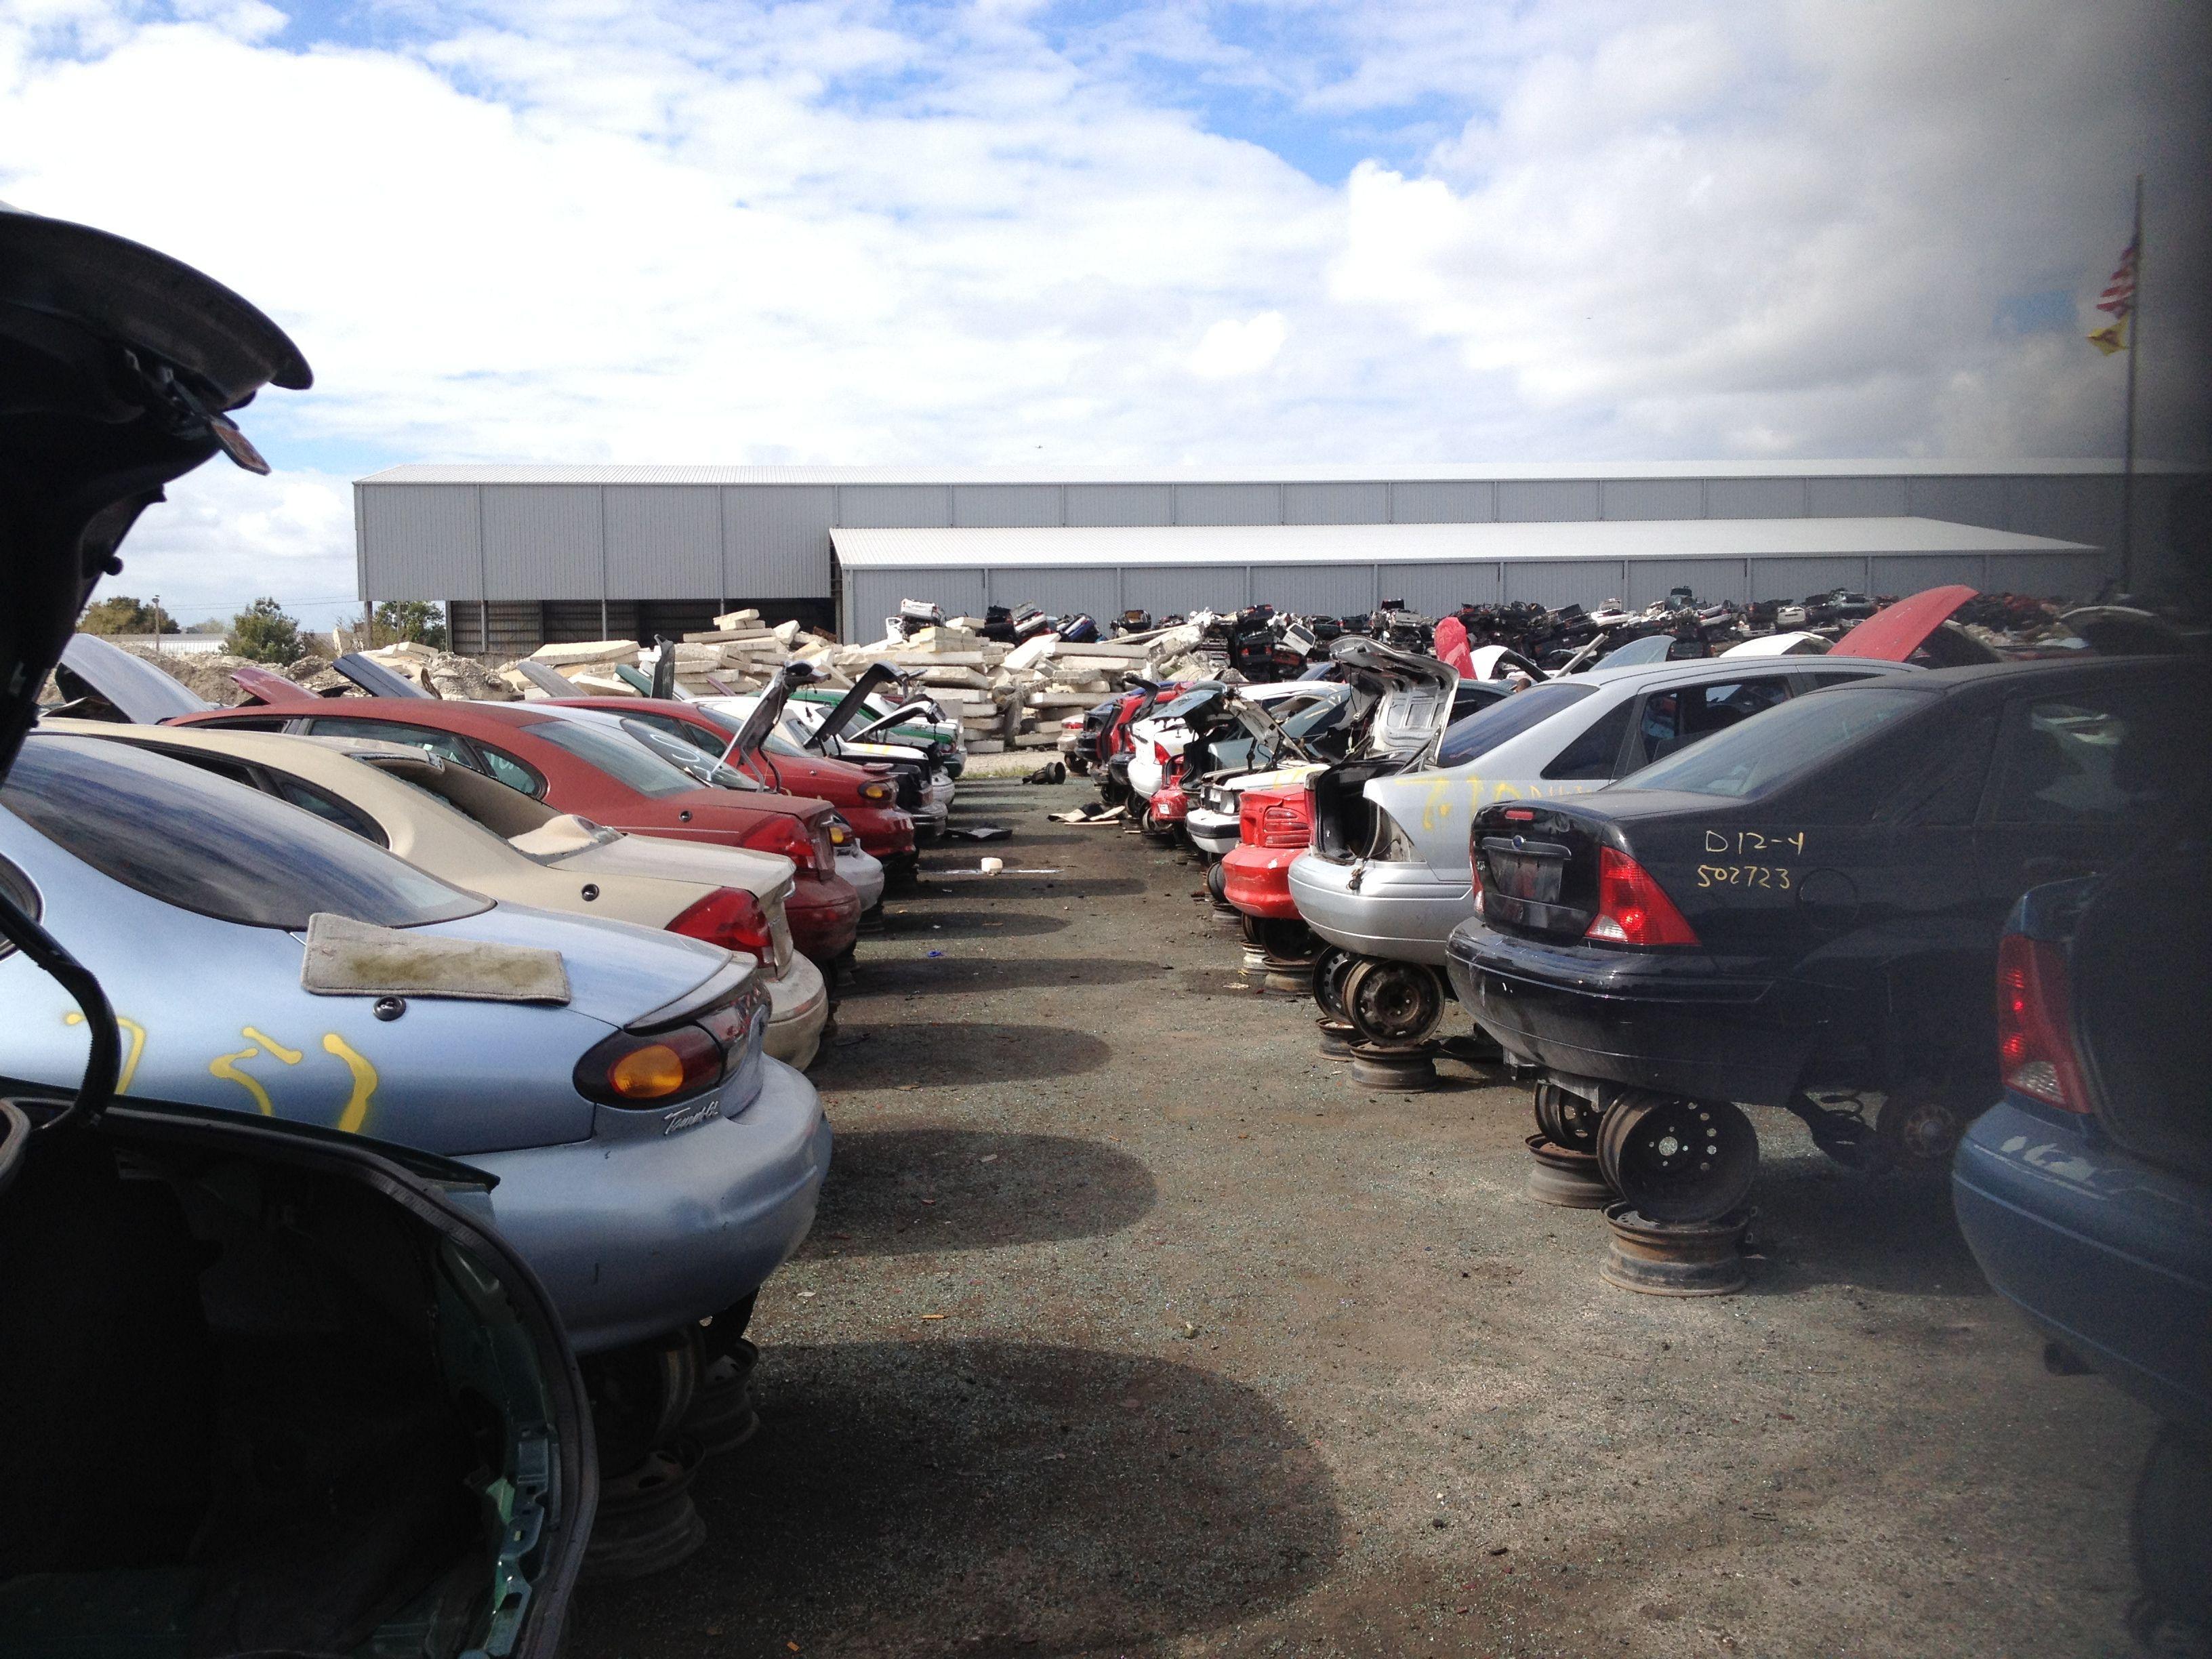 Junk cars http://www.u-pull-it-junkyard.com | Junk Yards | Pinterest ...